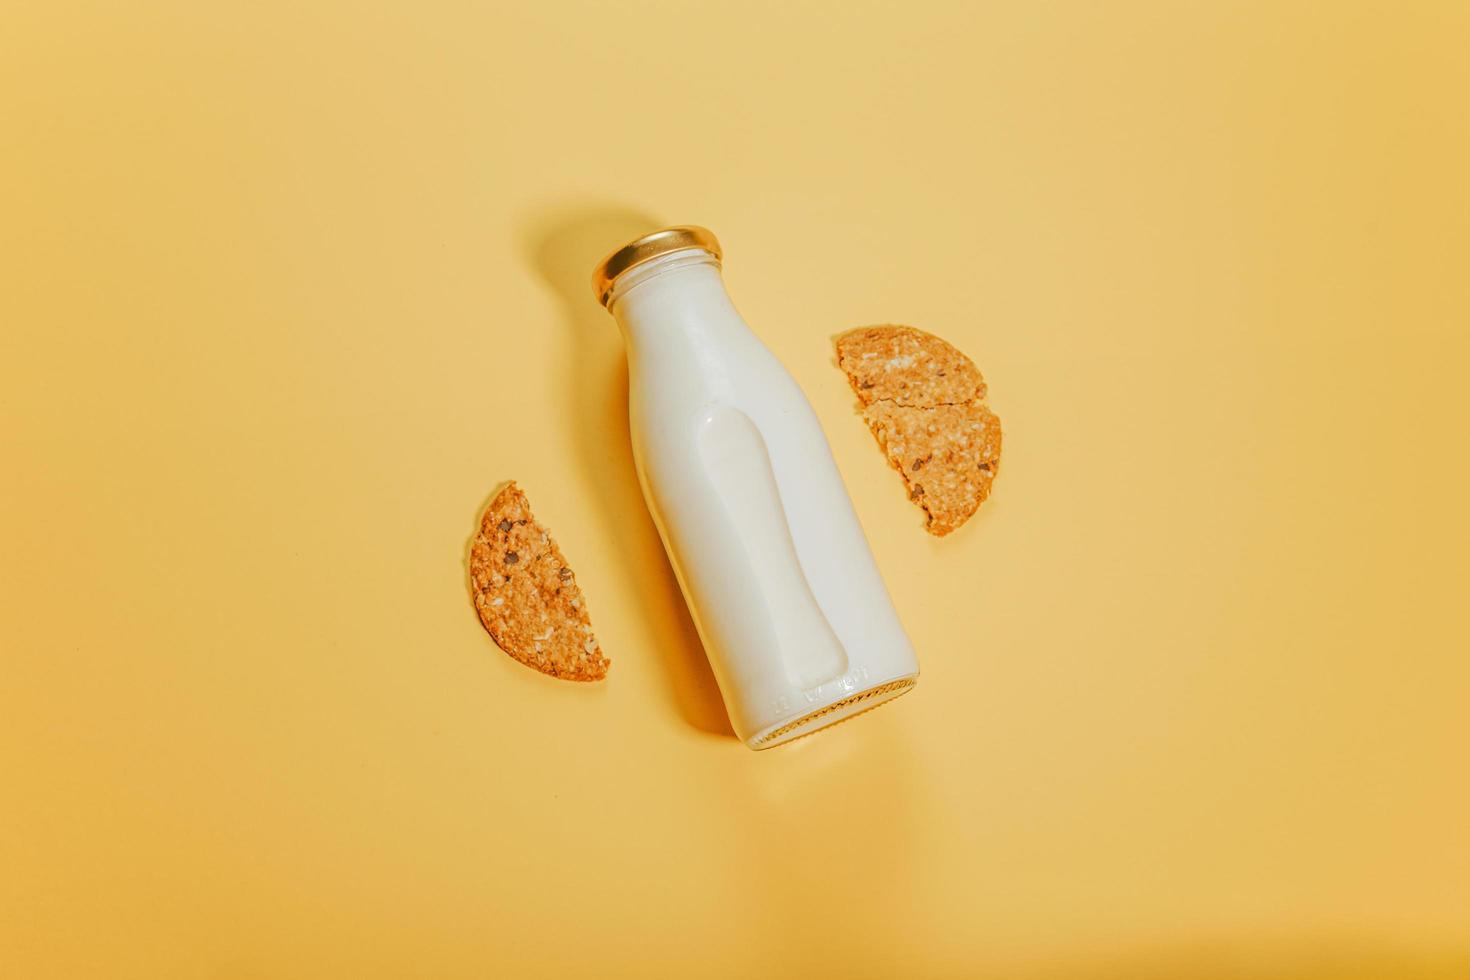 bouteille de lait entre deux moitiés d'un cookie photo